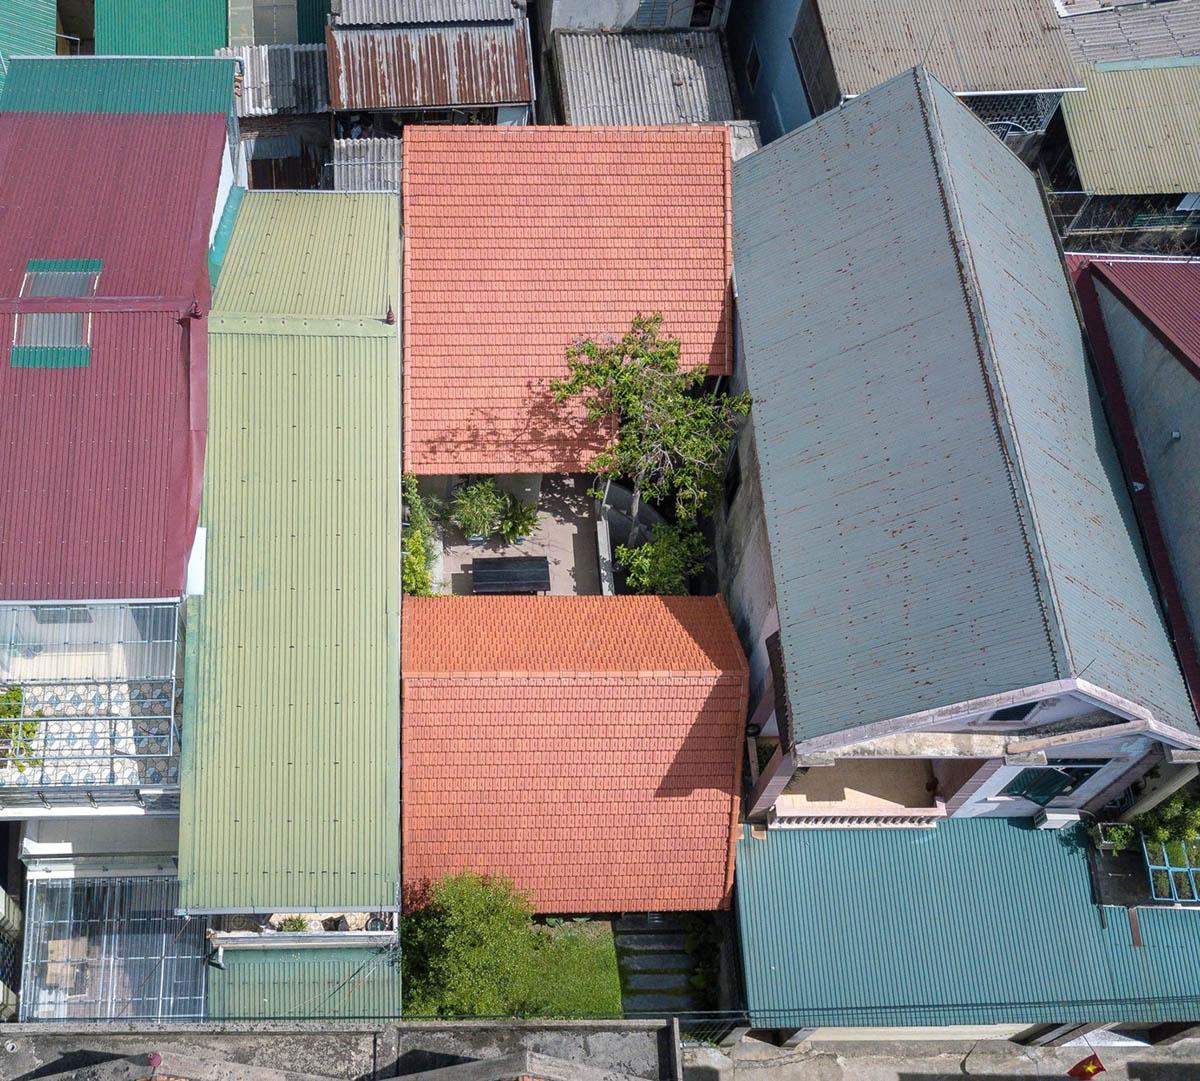 Ngôi nhà nhìn từ trên cao lại khá nổi bật.